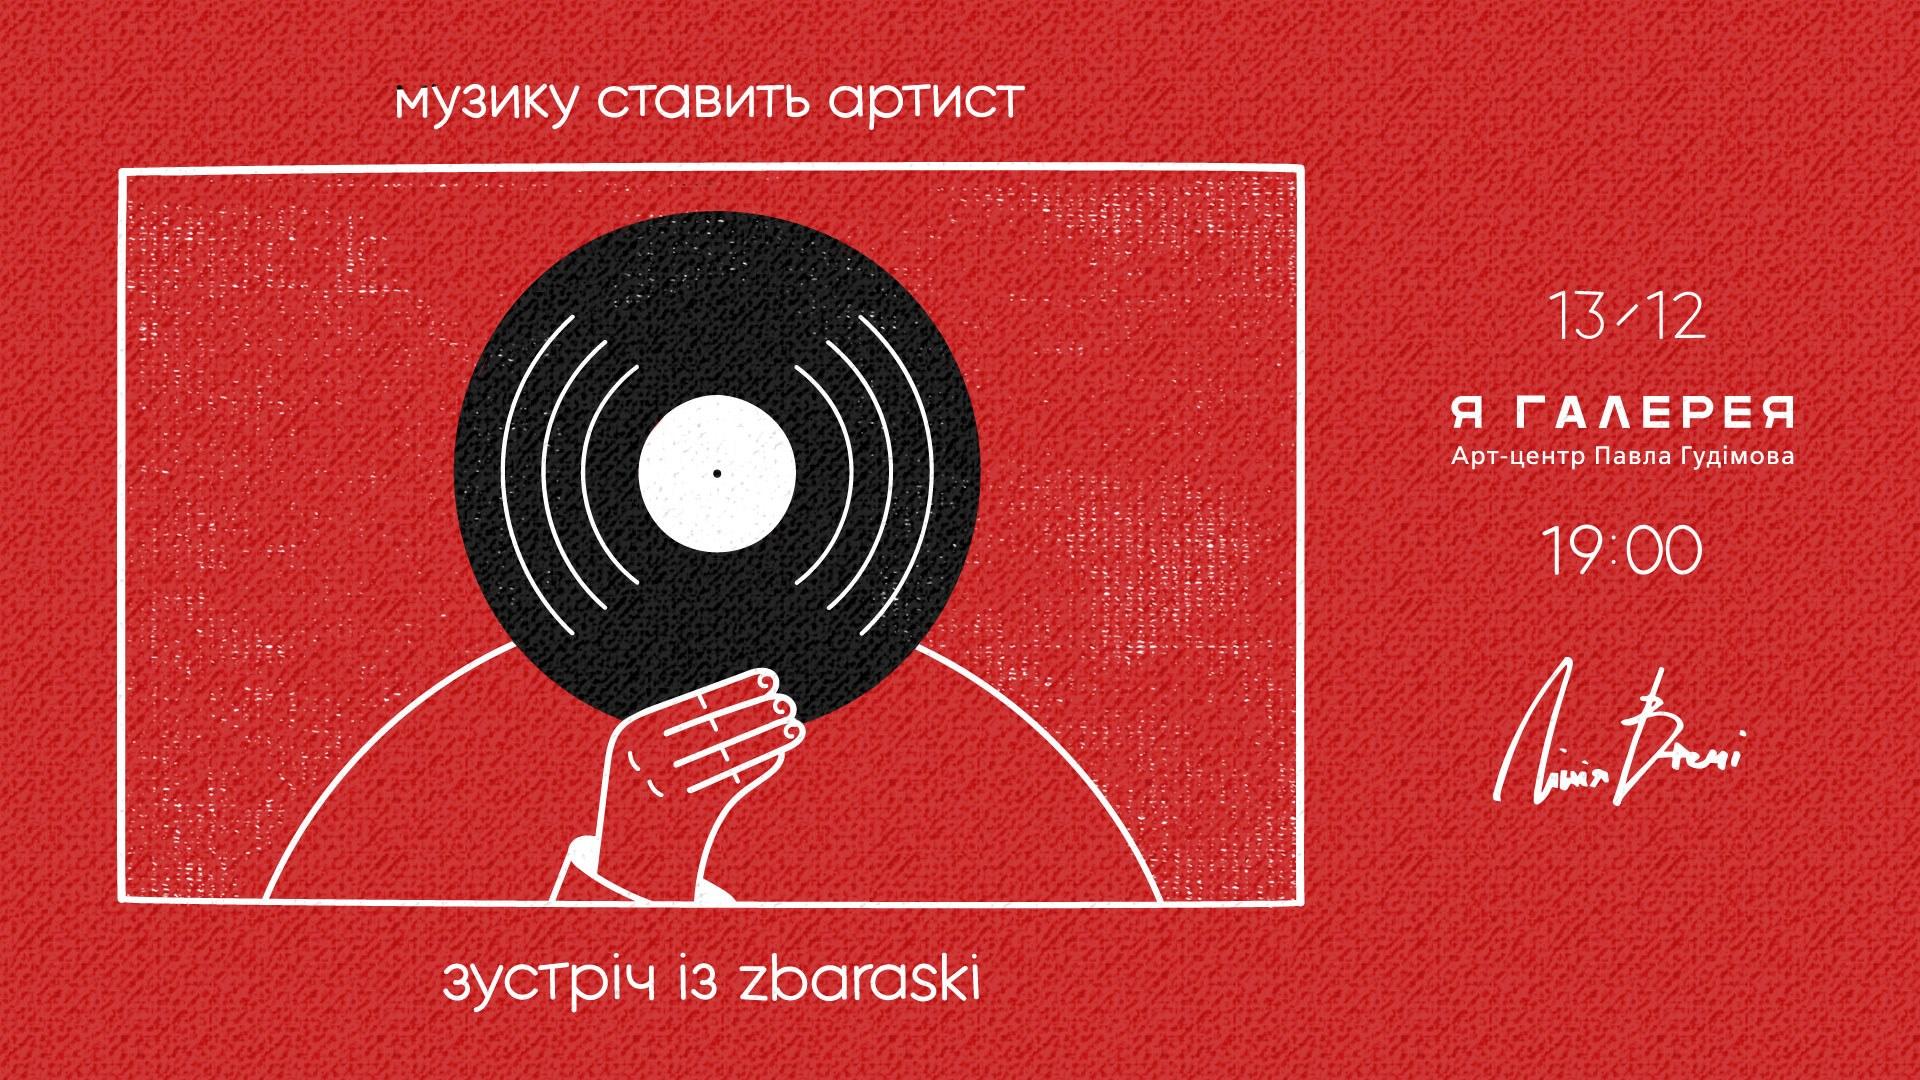 Музику ставить артист. Зустріч із Zbaraski / Я Галерея / 13.12